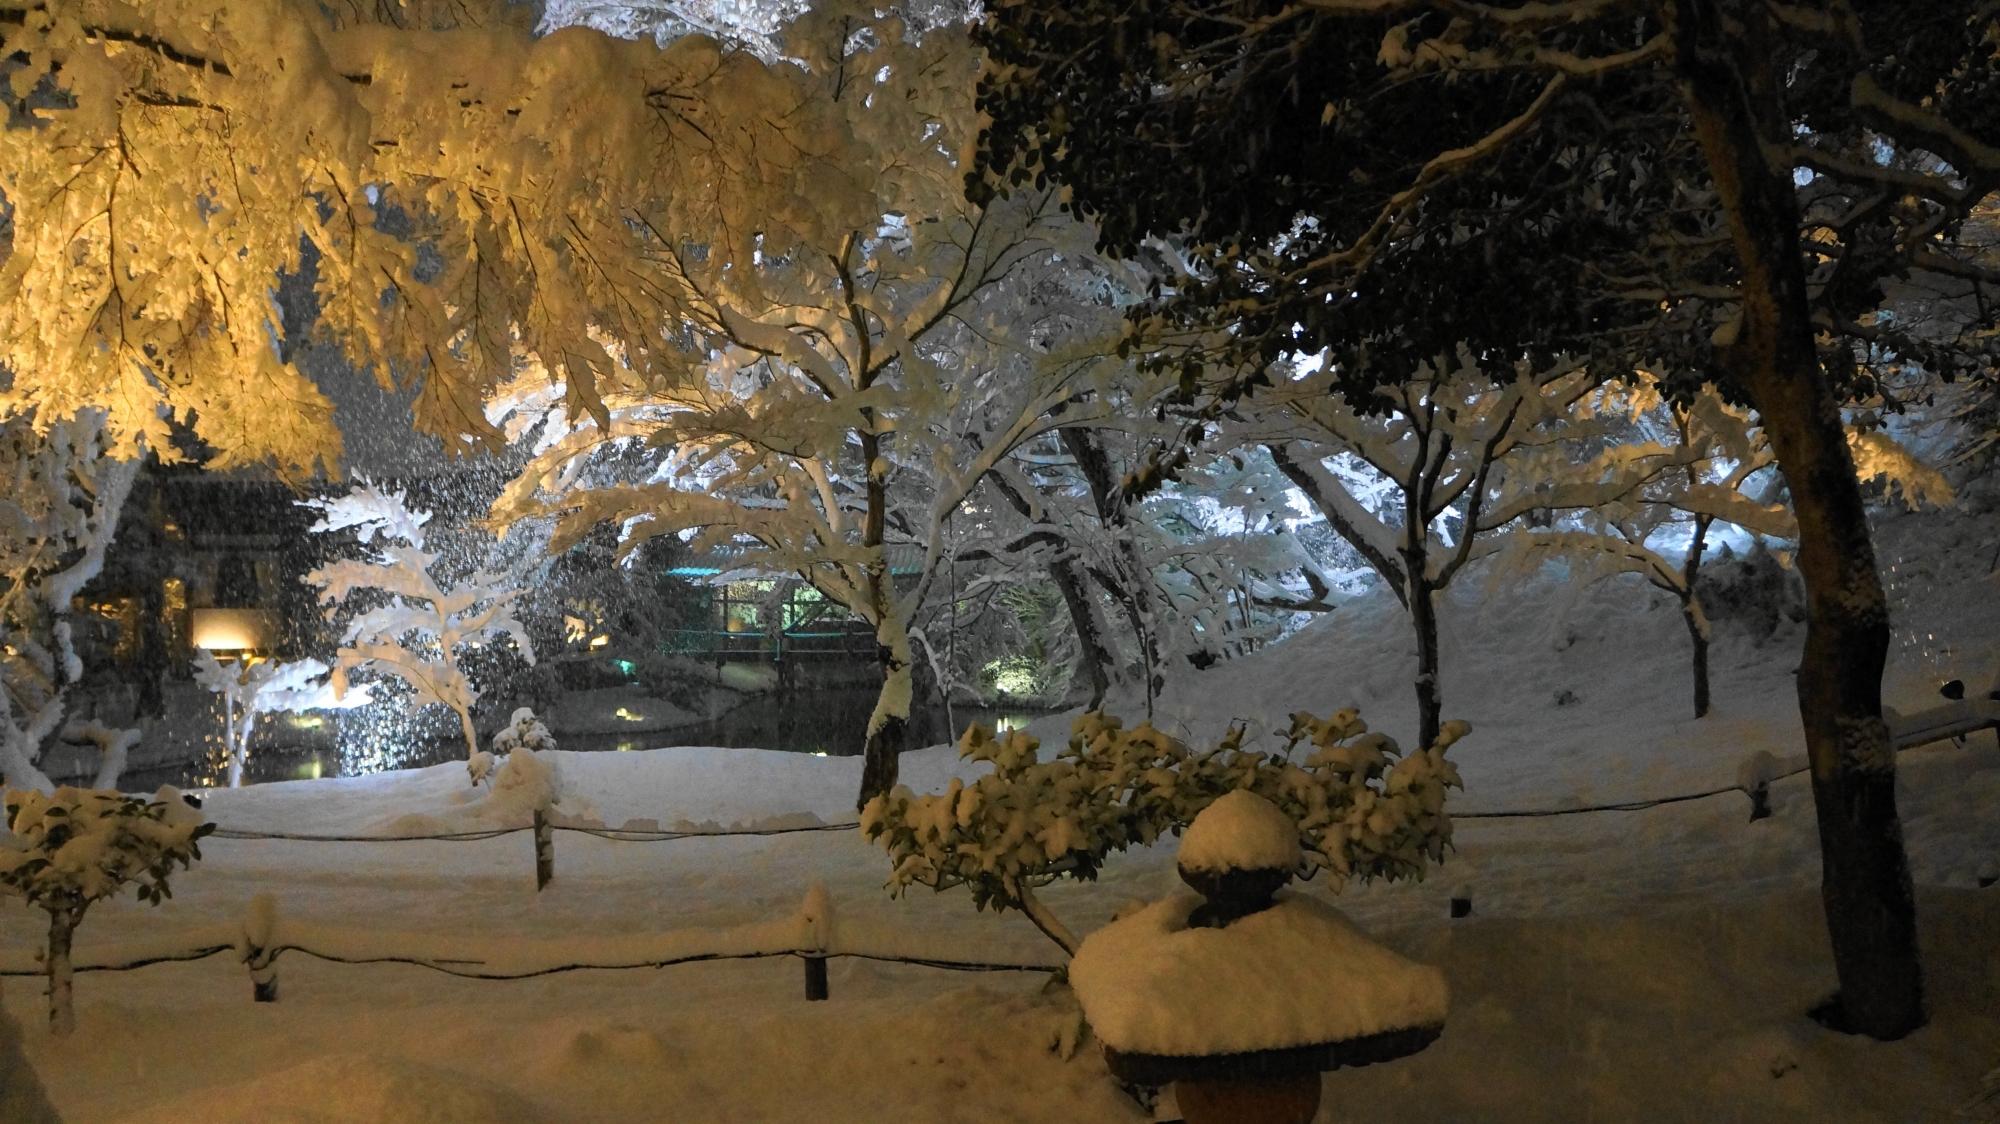 高台寺の真っ白に染まった奥深い庭園の雪景色